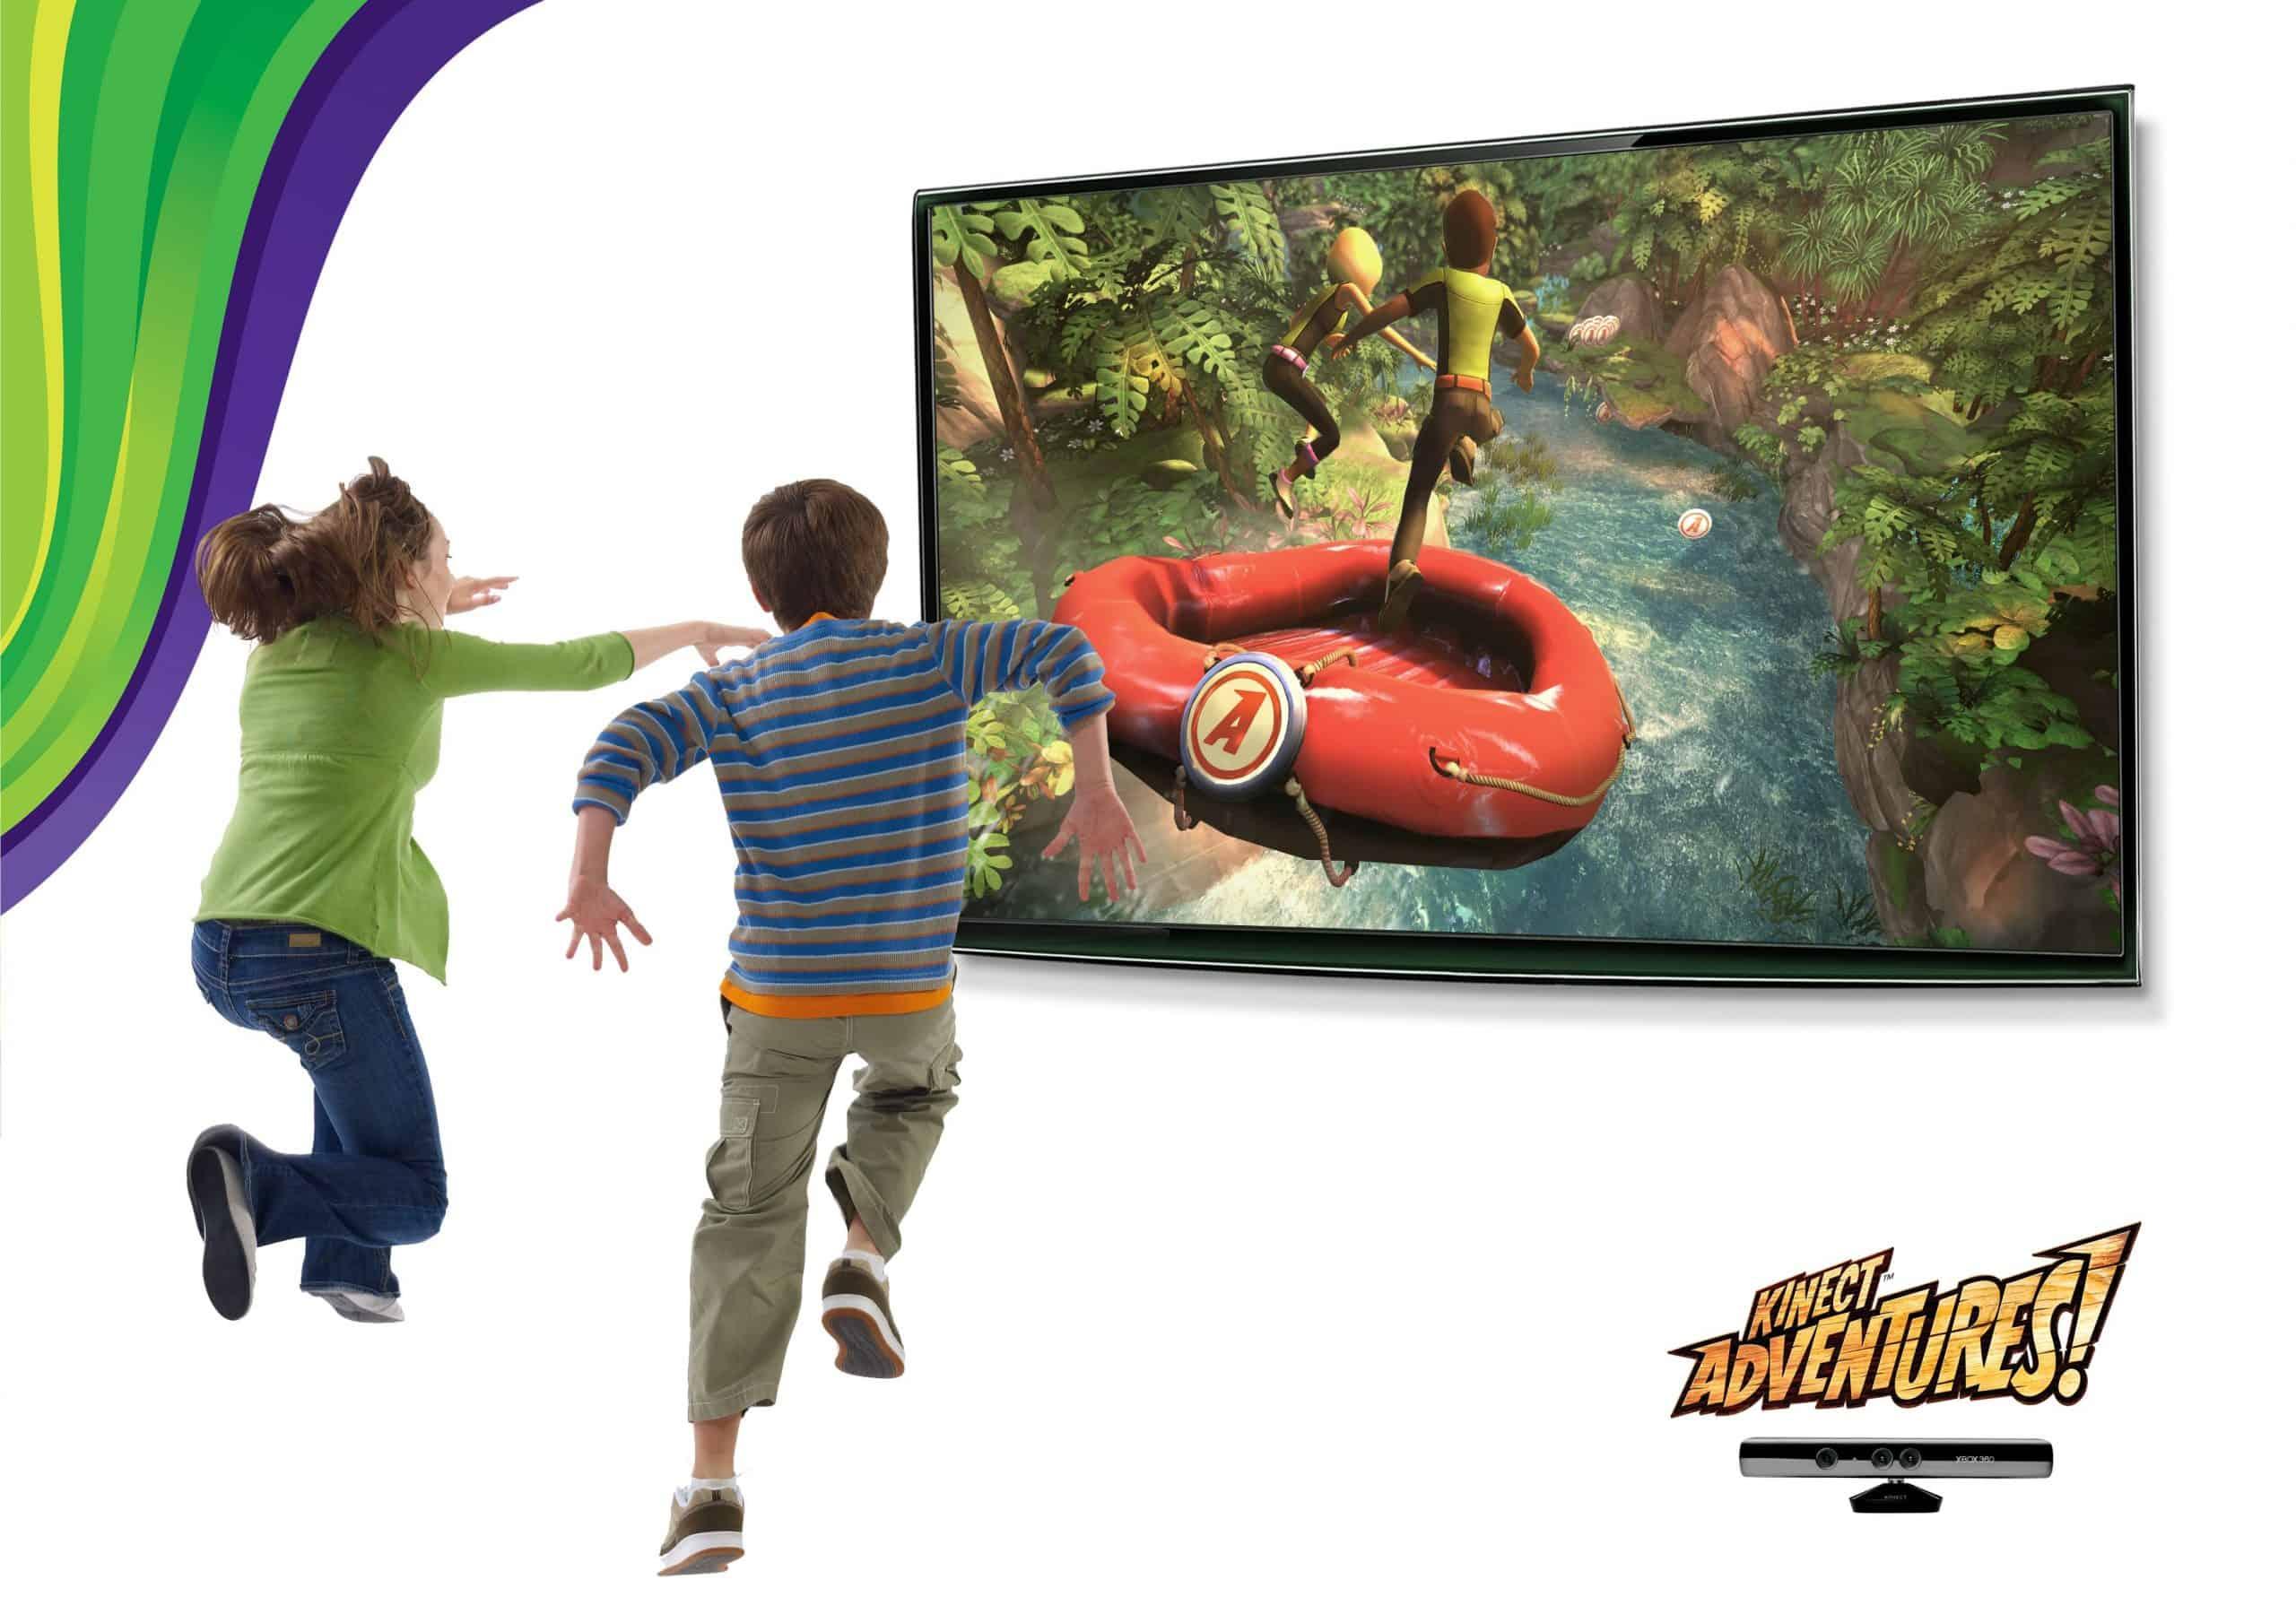 Kinect: Adventures!, uno dei giochi più studiati